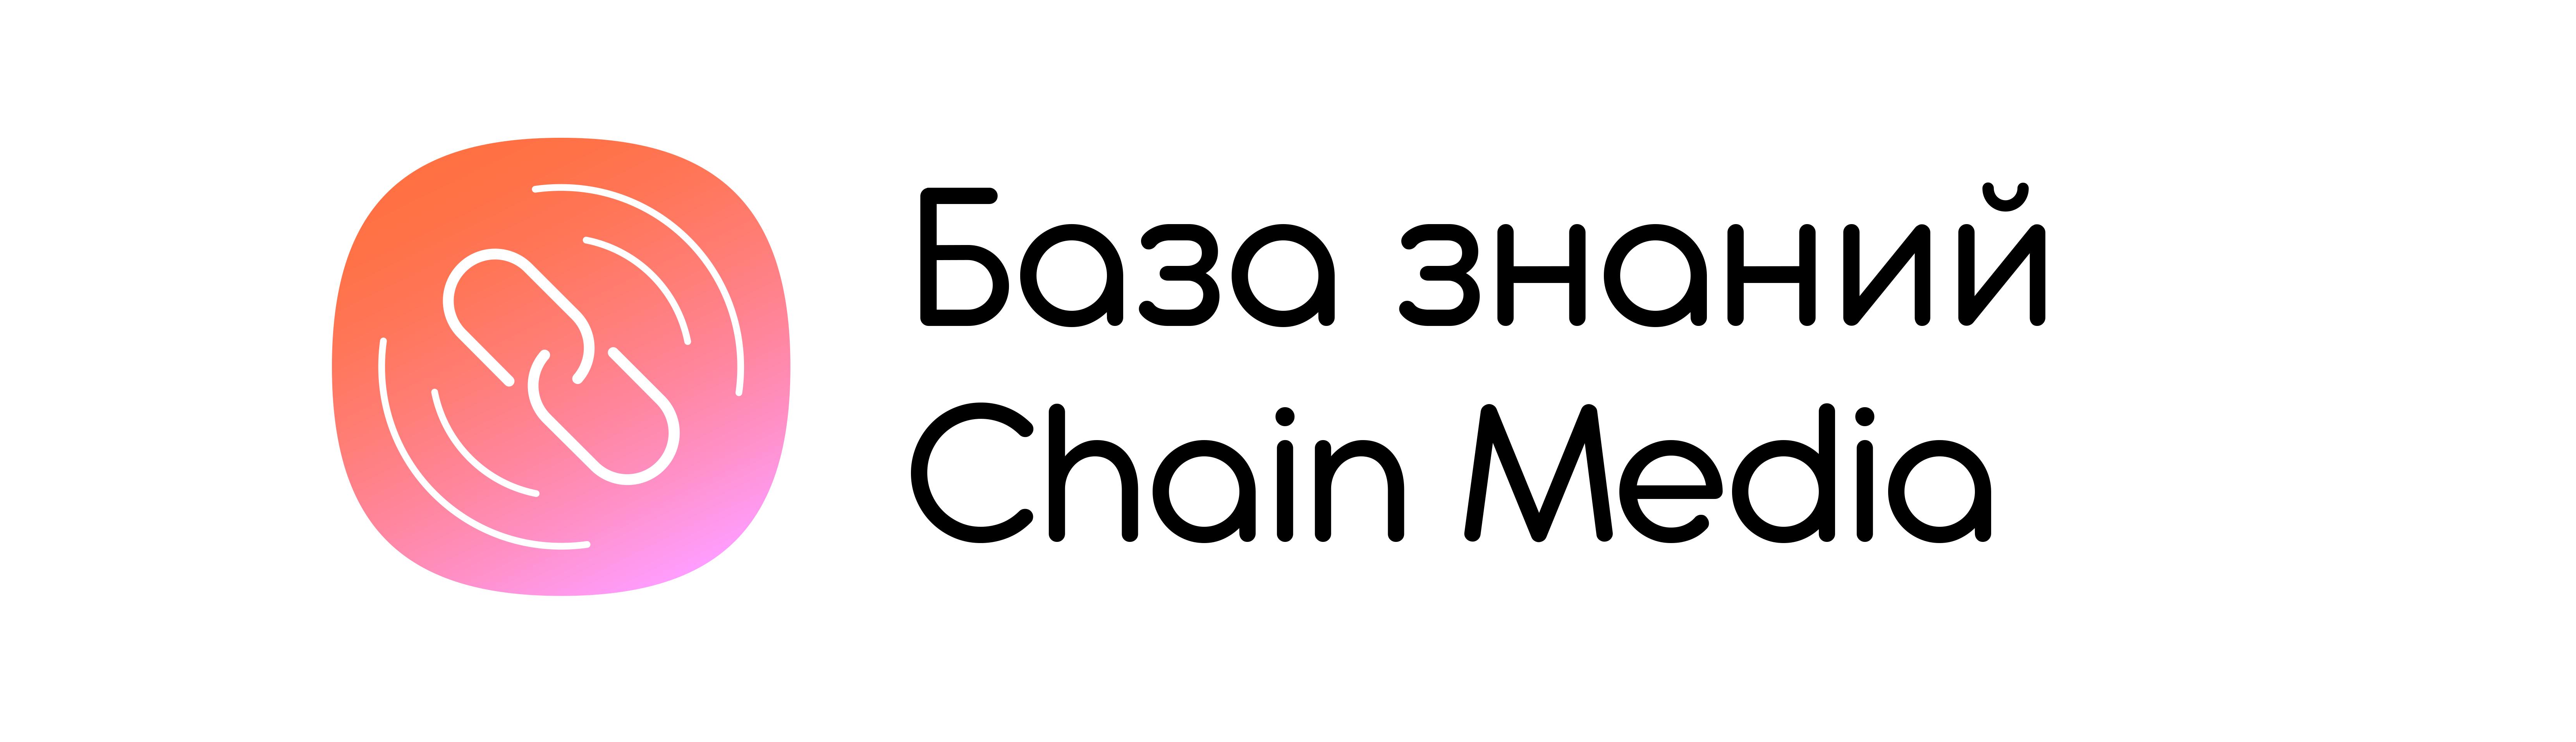 http://chainmedia.ru/newcomers/knowledge-base/